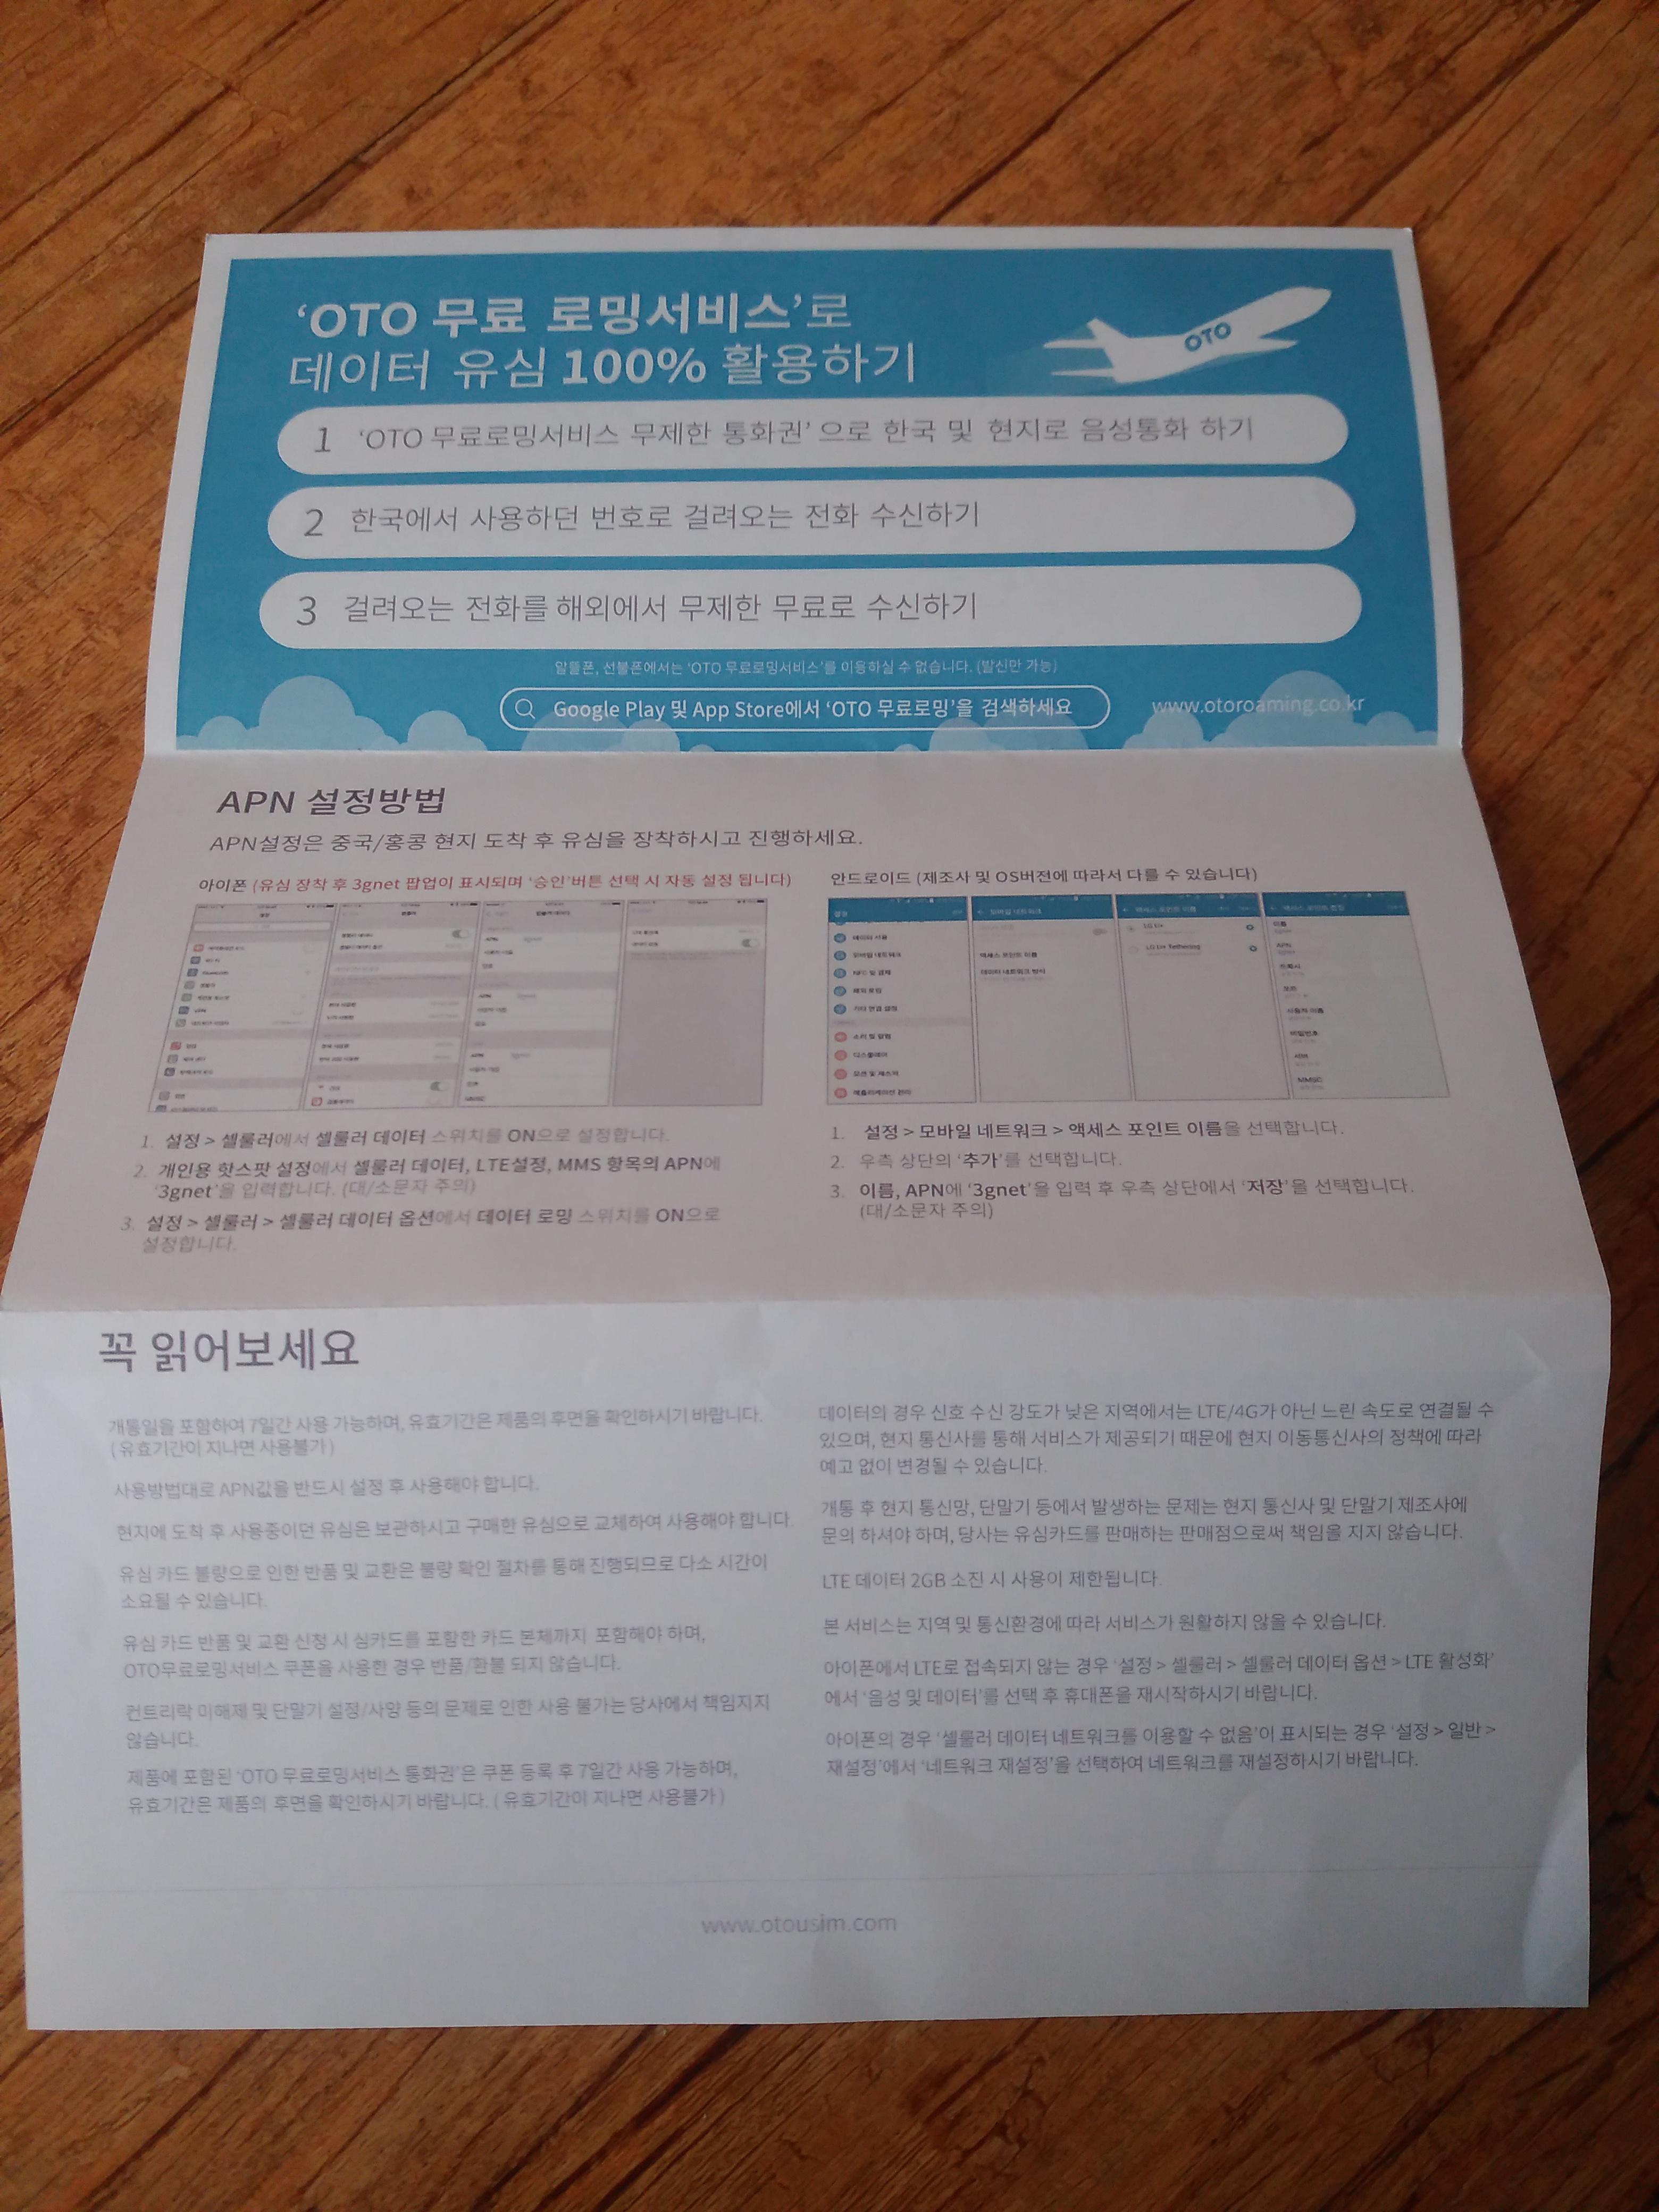 한국에서 사용하던 번호로 걸려오는 전화 수신하기